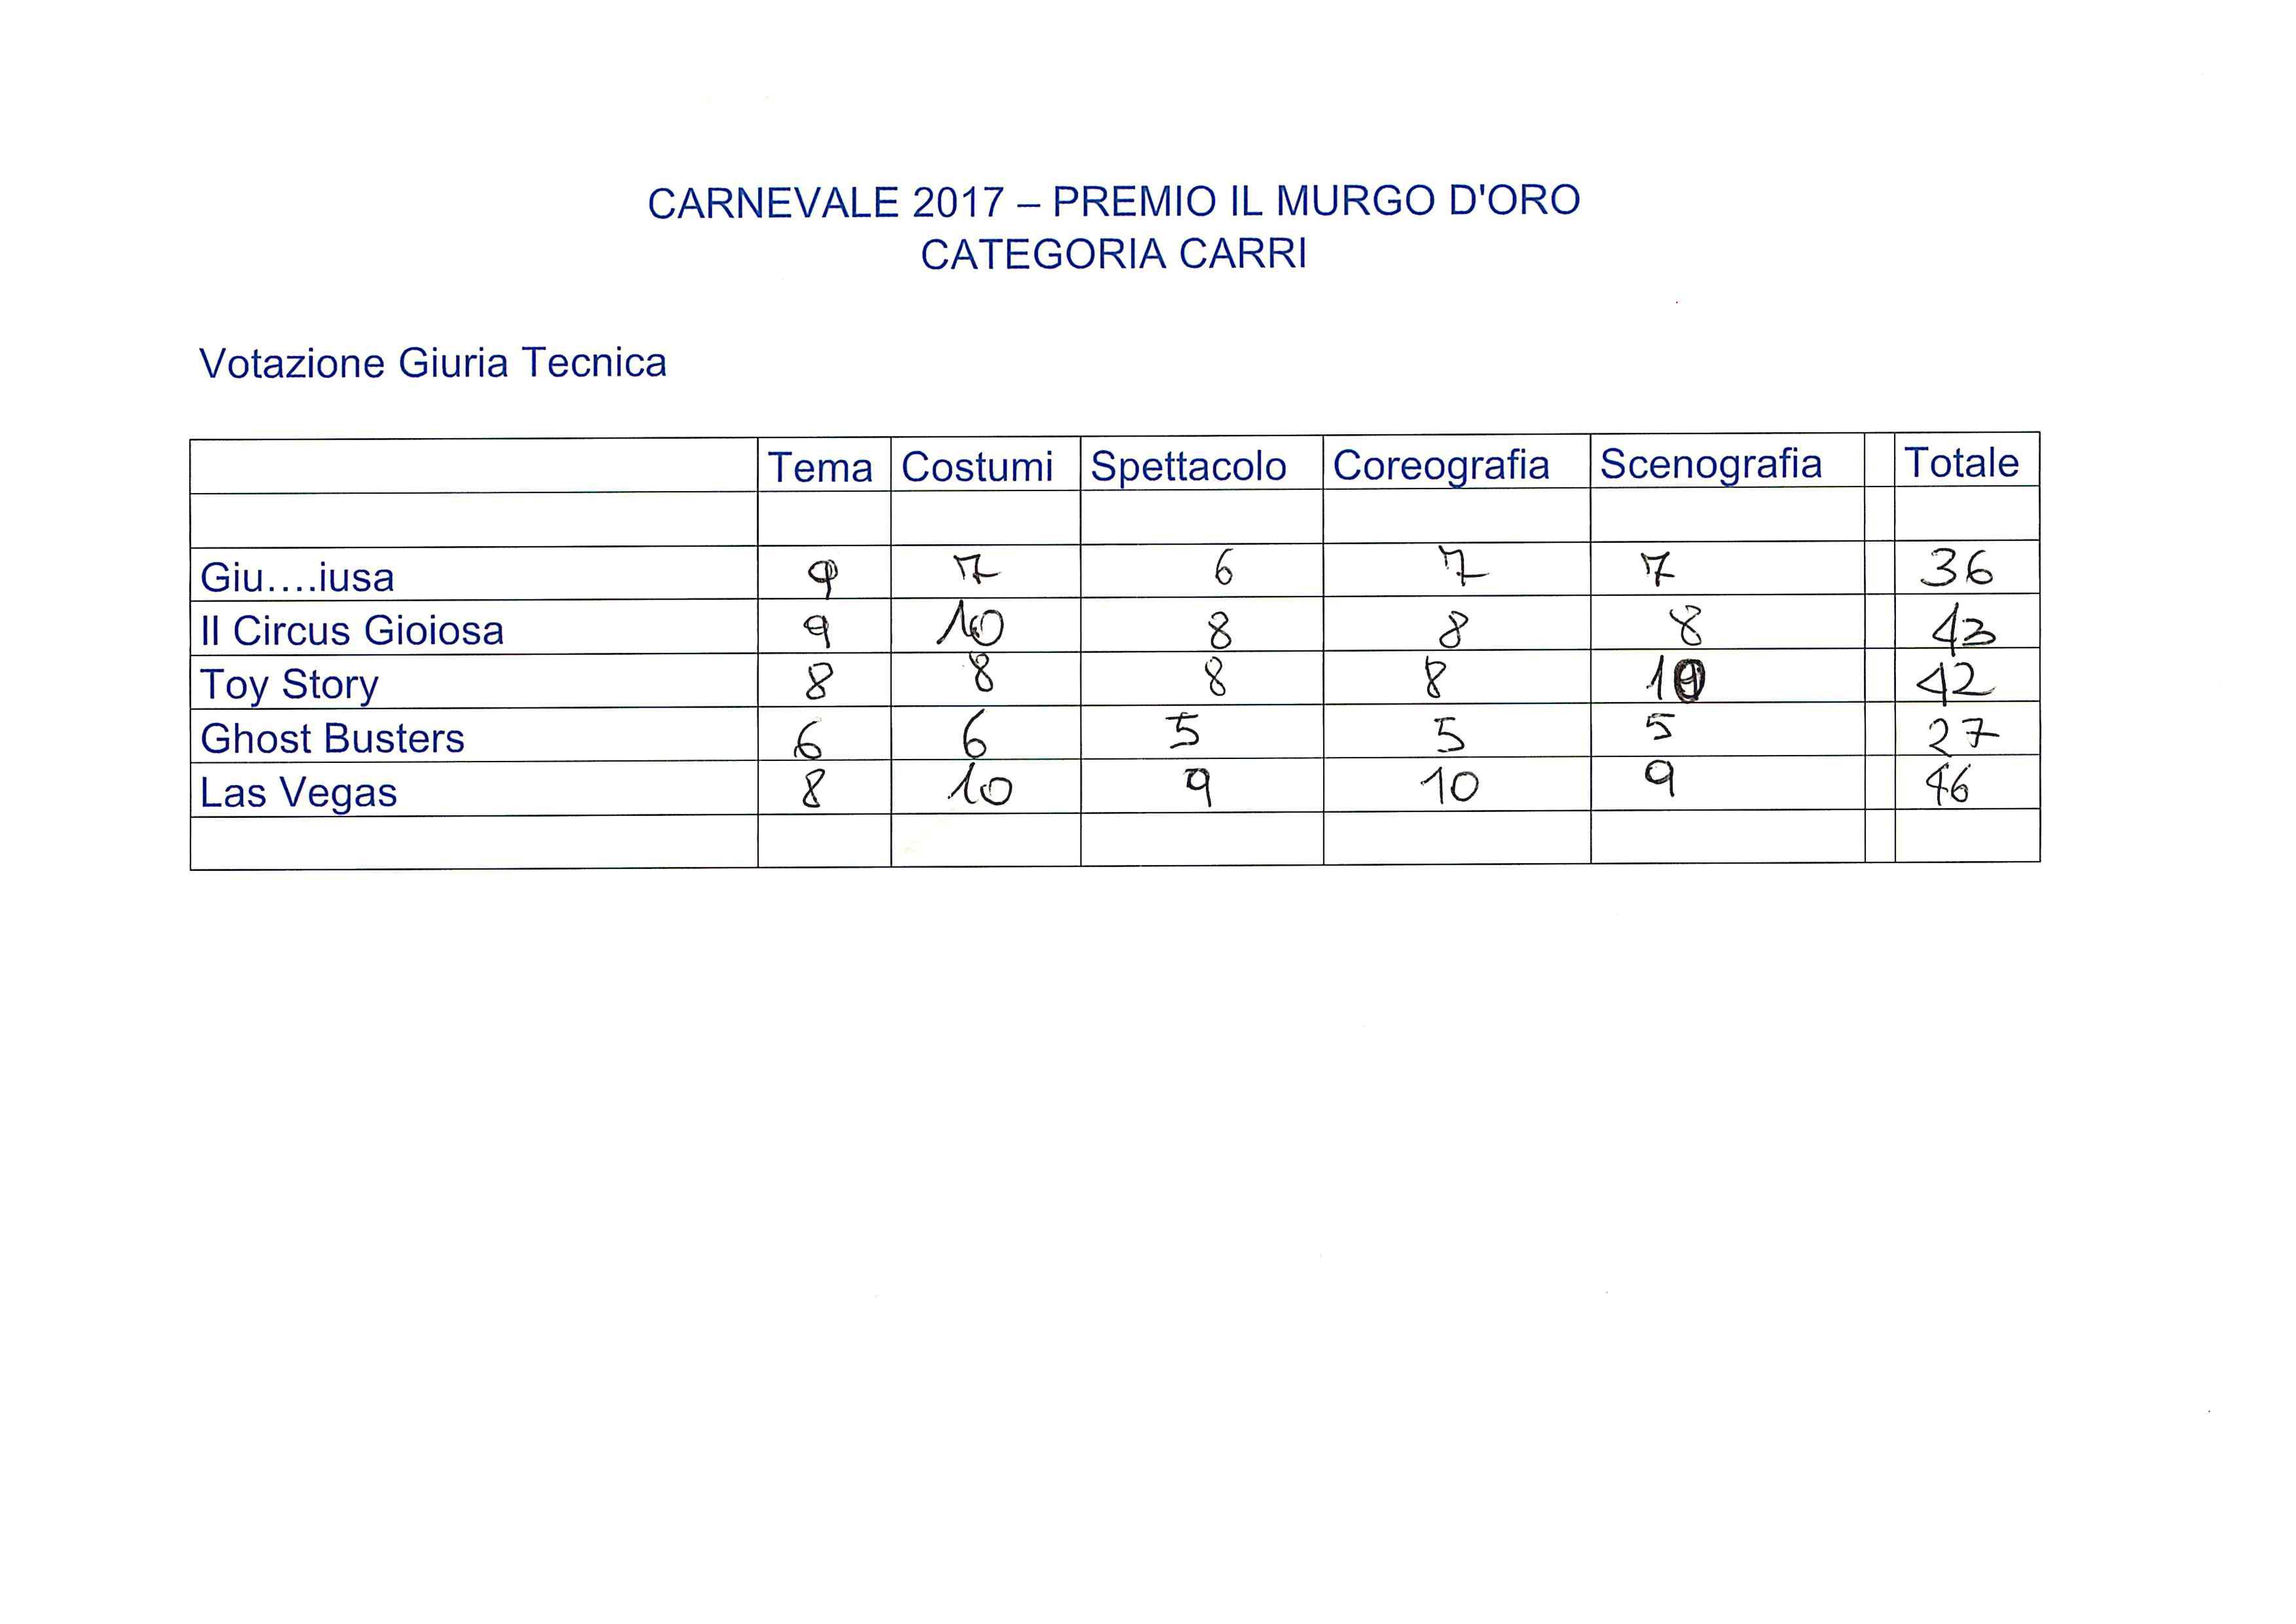 SCHEDE CARRI_Pagina_3